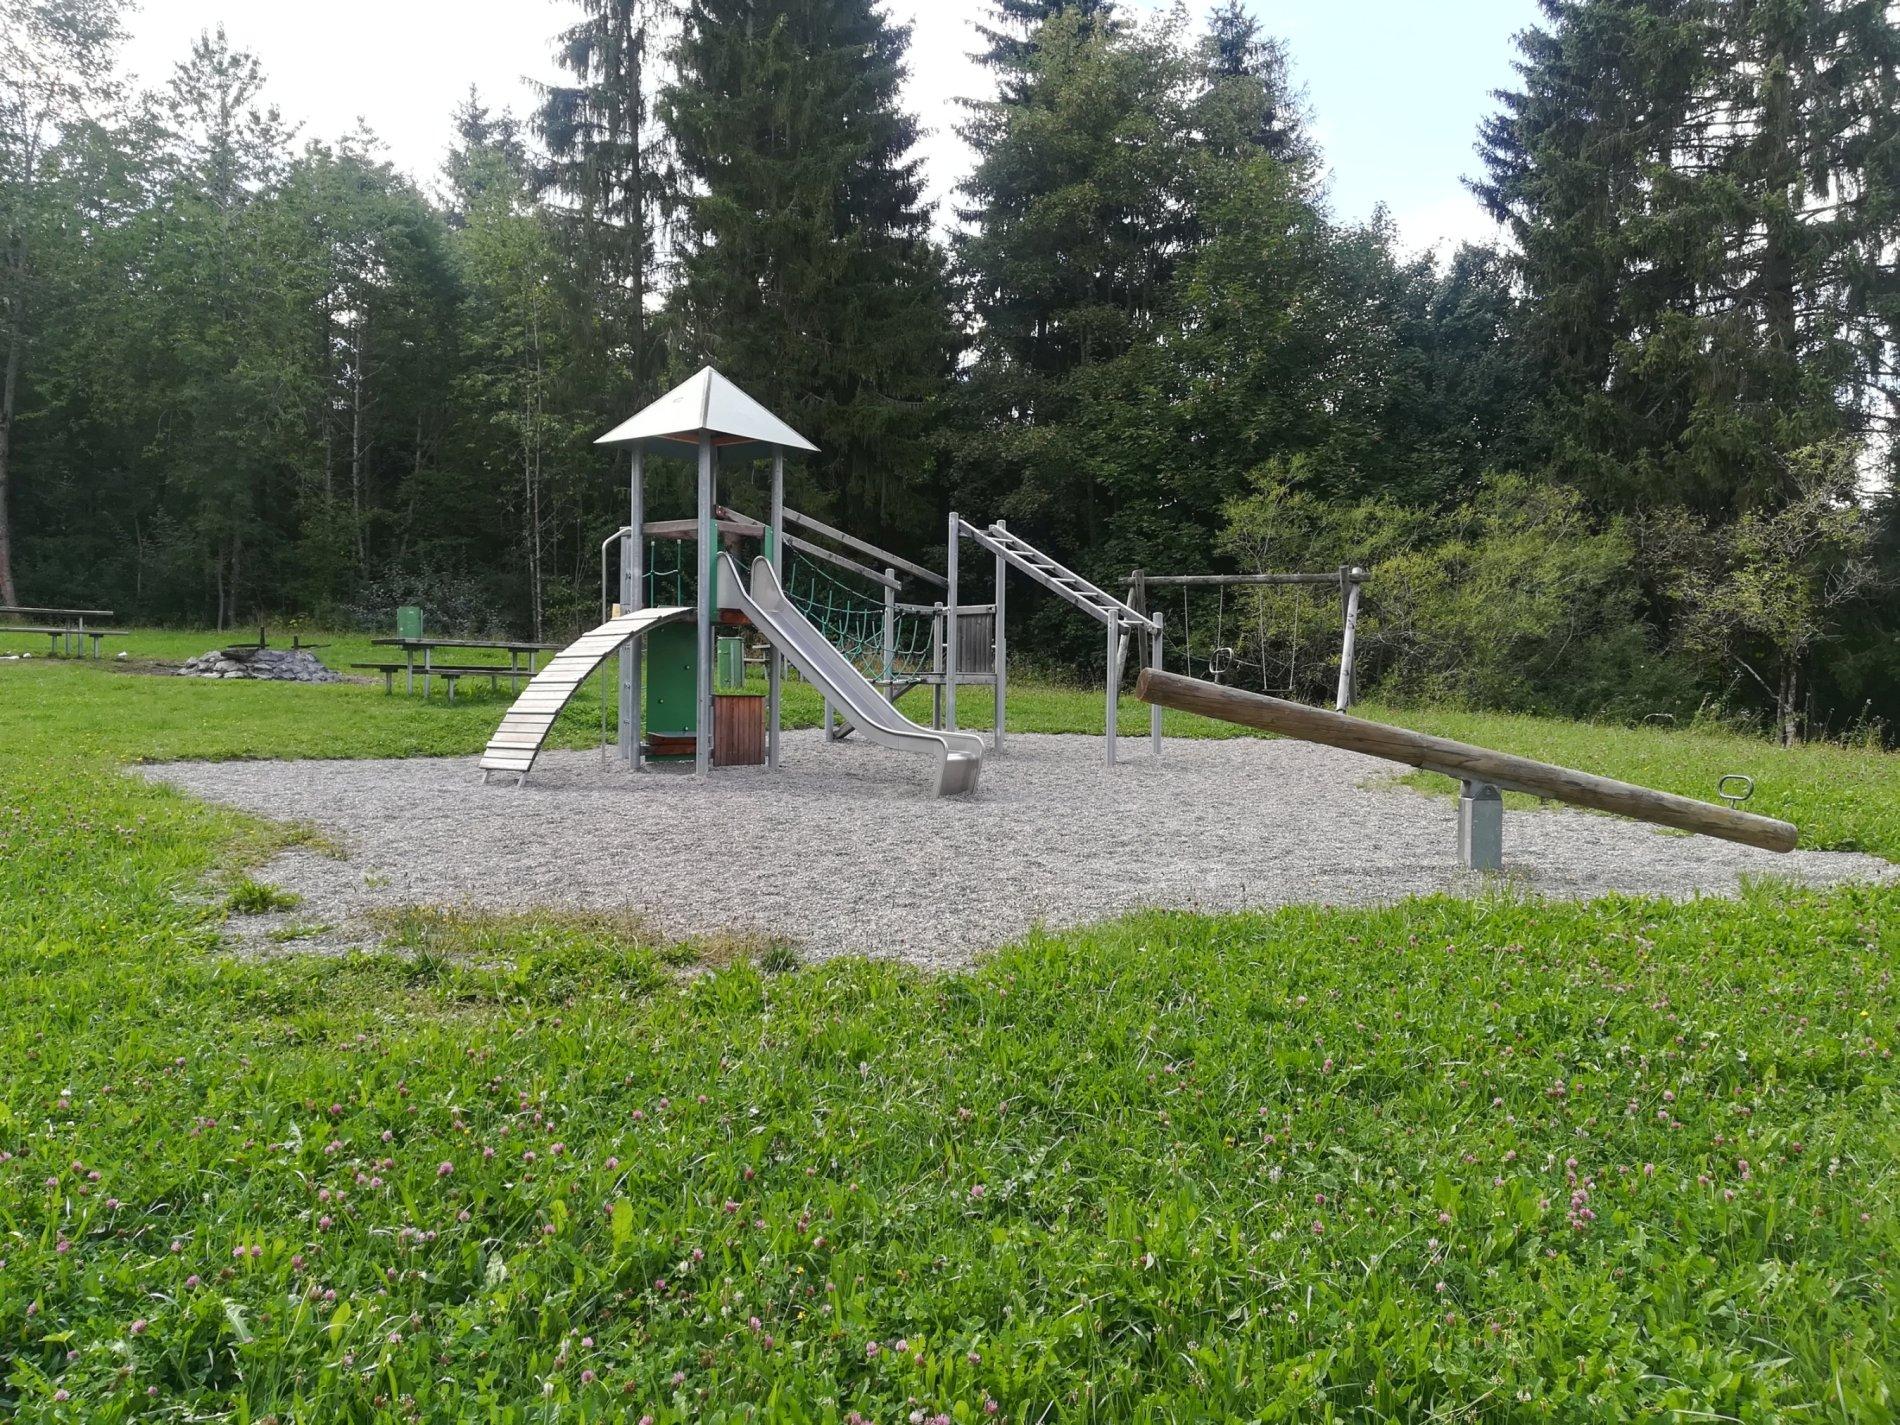 Spielplatz Laufen Rübhay-So viel Platz zum auspowern!